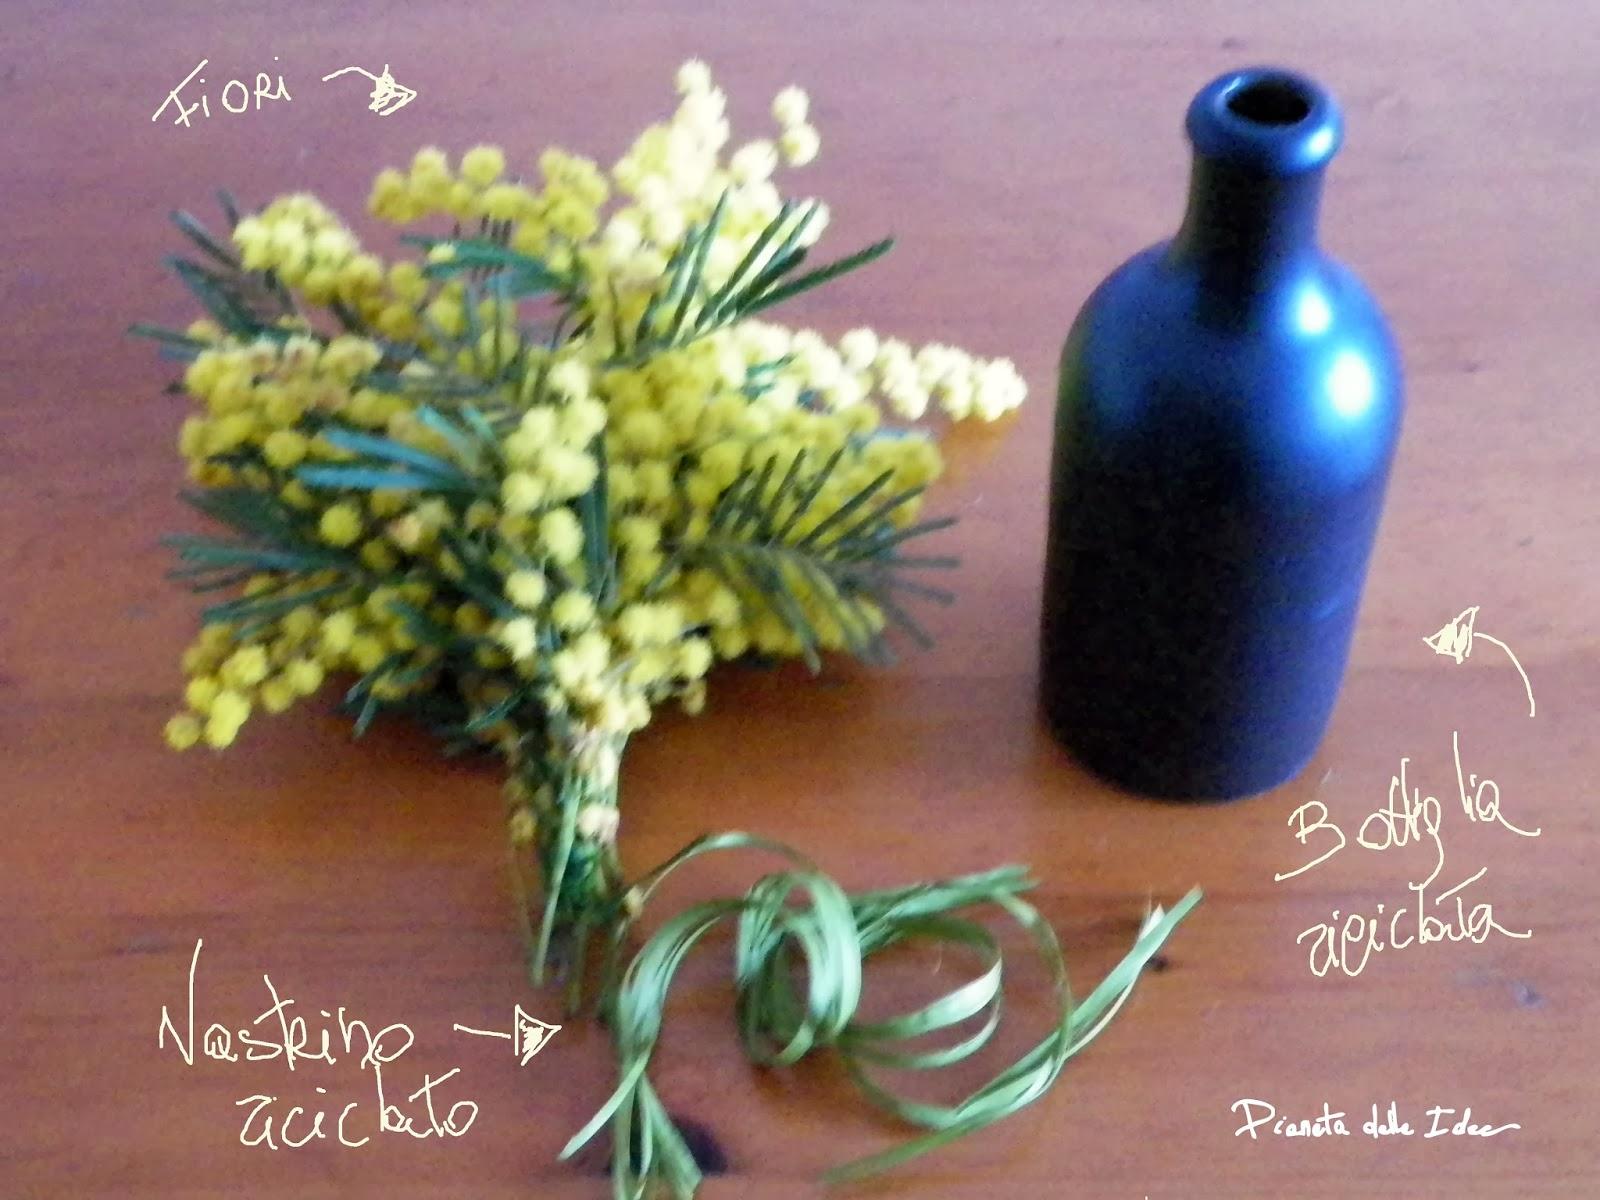 Sfruttando La Bellezza Della Bottiglia Si Può Realizzare In Pochi Secondi  Un Bel. Vaso Portafiori Con Ciò Che Si Ha Disposizione.